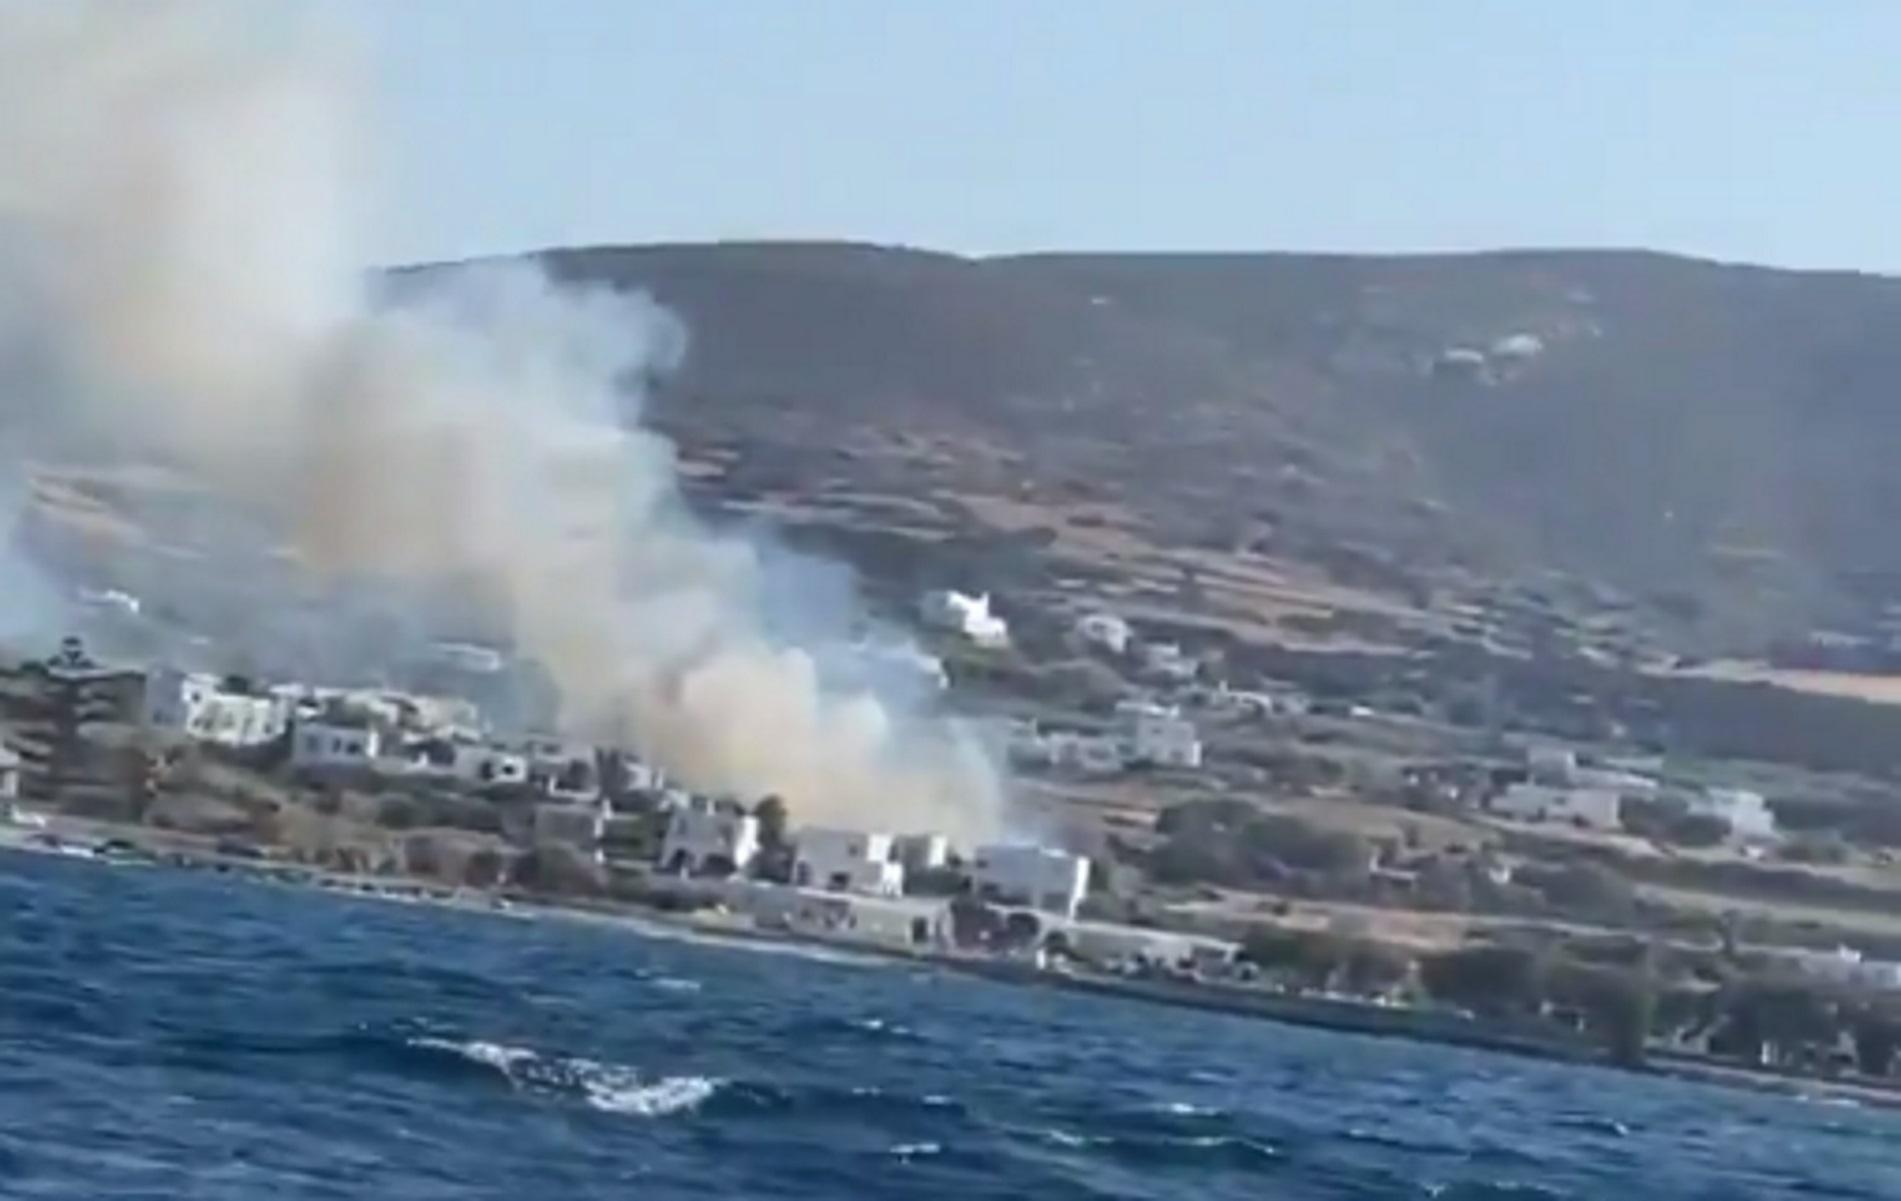 Φωτιά στη Νάουσα της Πάρου – Ισχυροί άνεμοι σπρώχνουν τις φλόγες προς τα σπίτια